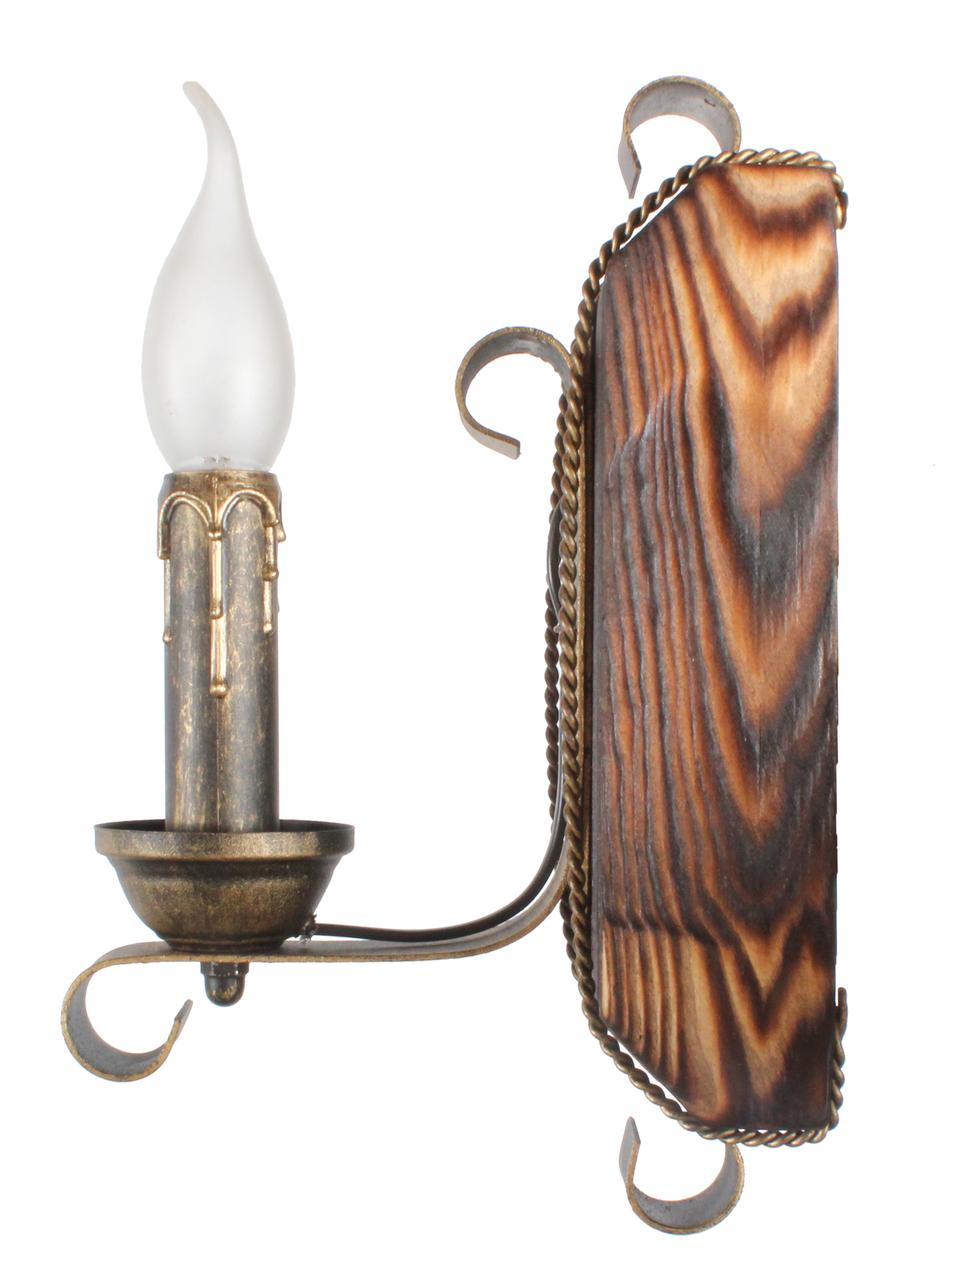 Бра деревянная для дачи на одну свечу 670321